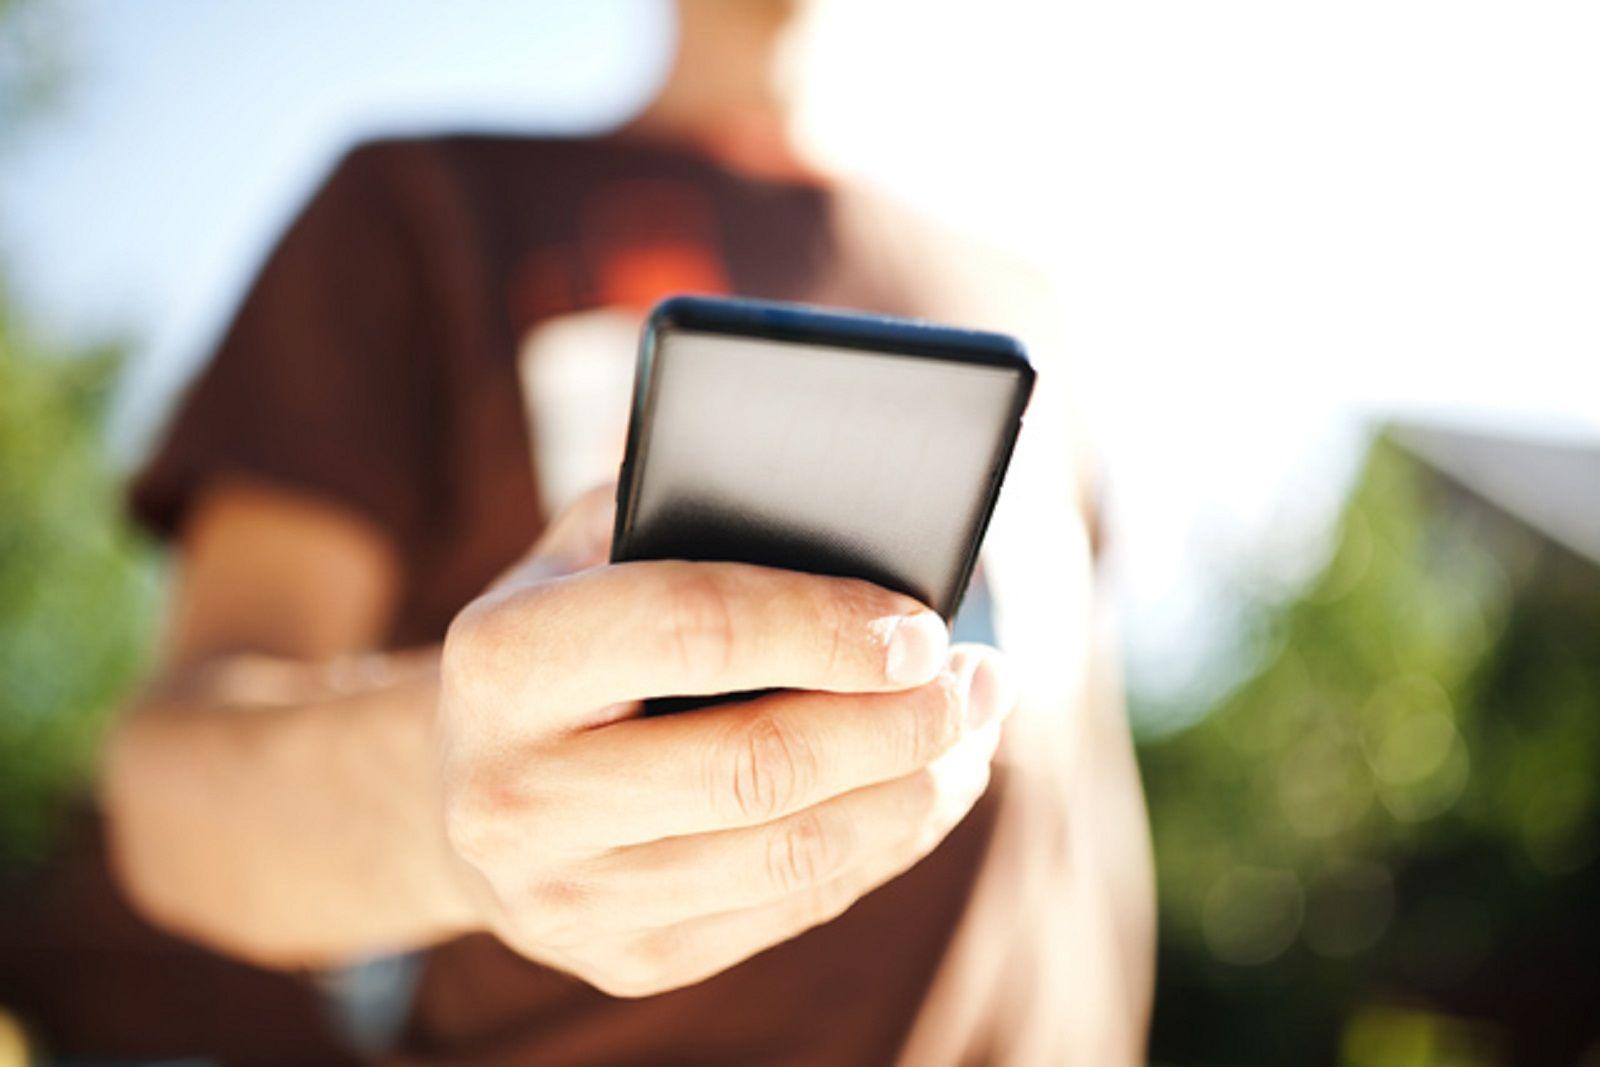 Las empresas prestadoras del servició de telefonía móvil serán las encargadas de confeccionar y resguardar el registro de usuarios